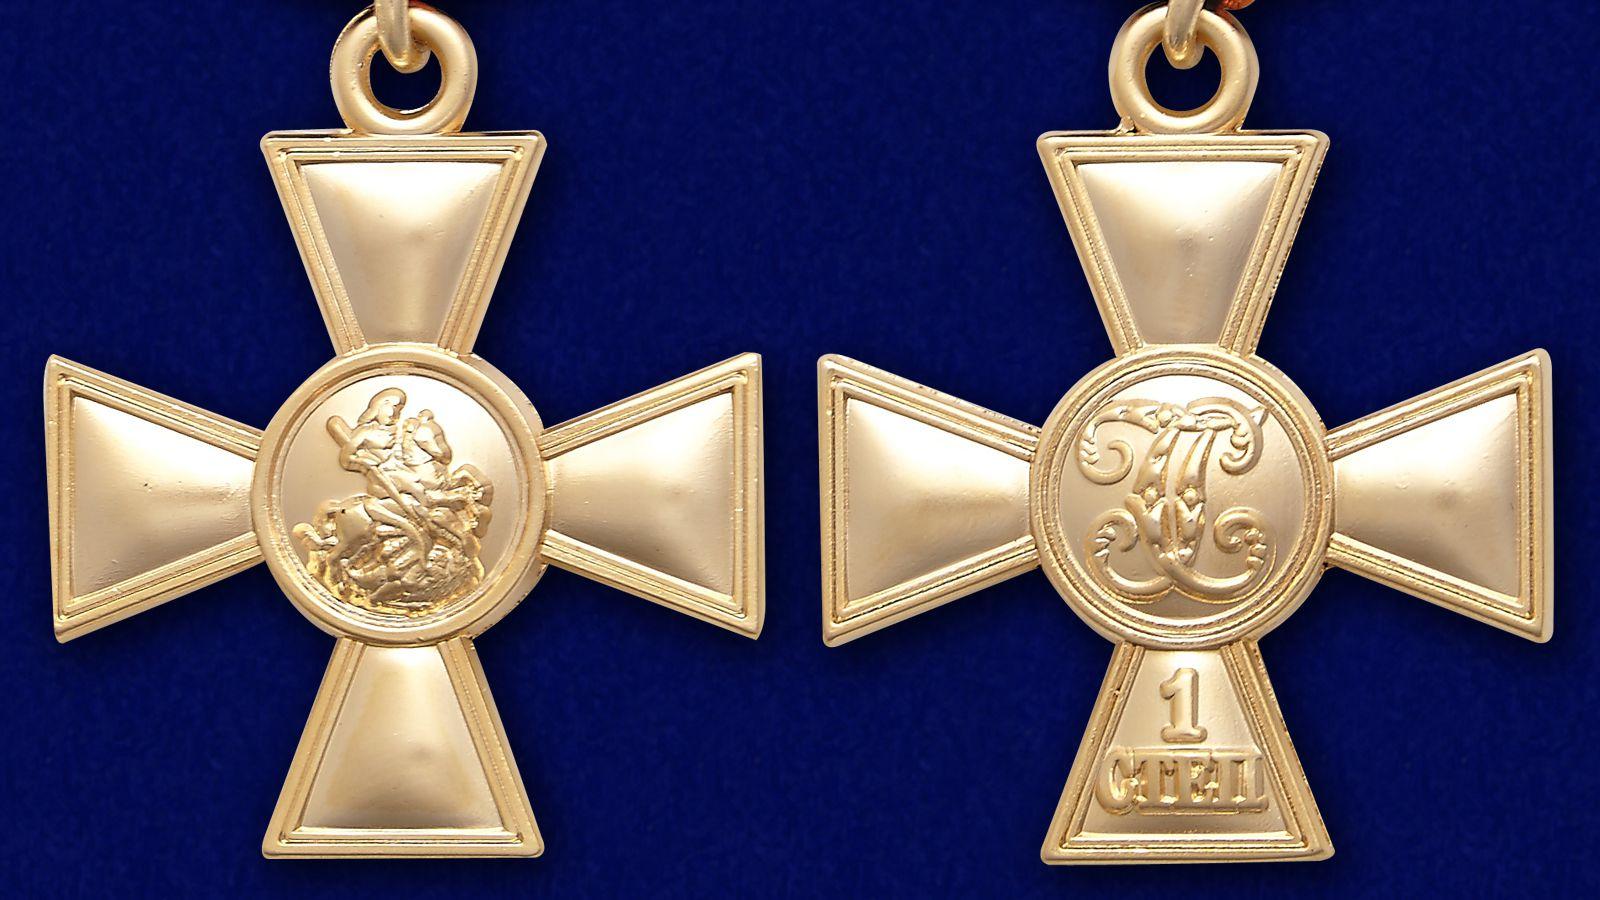 Георгиевский крест I степени - аверс и реверс